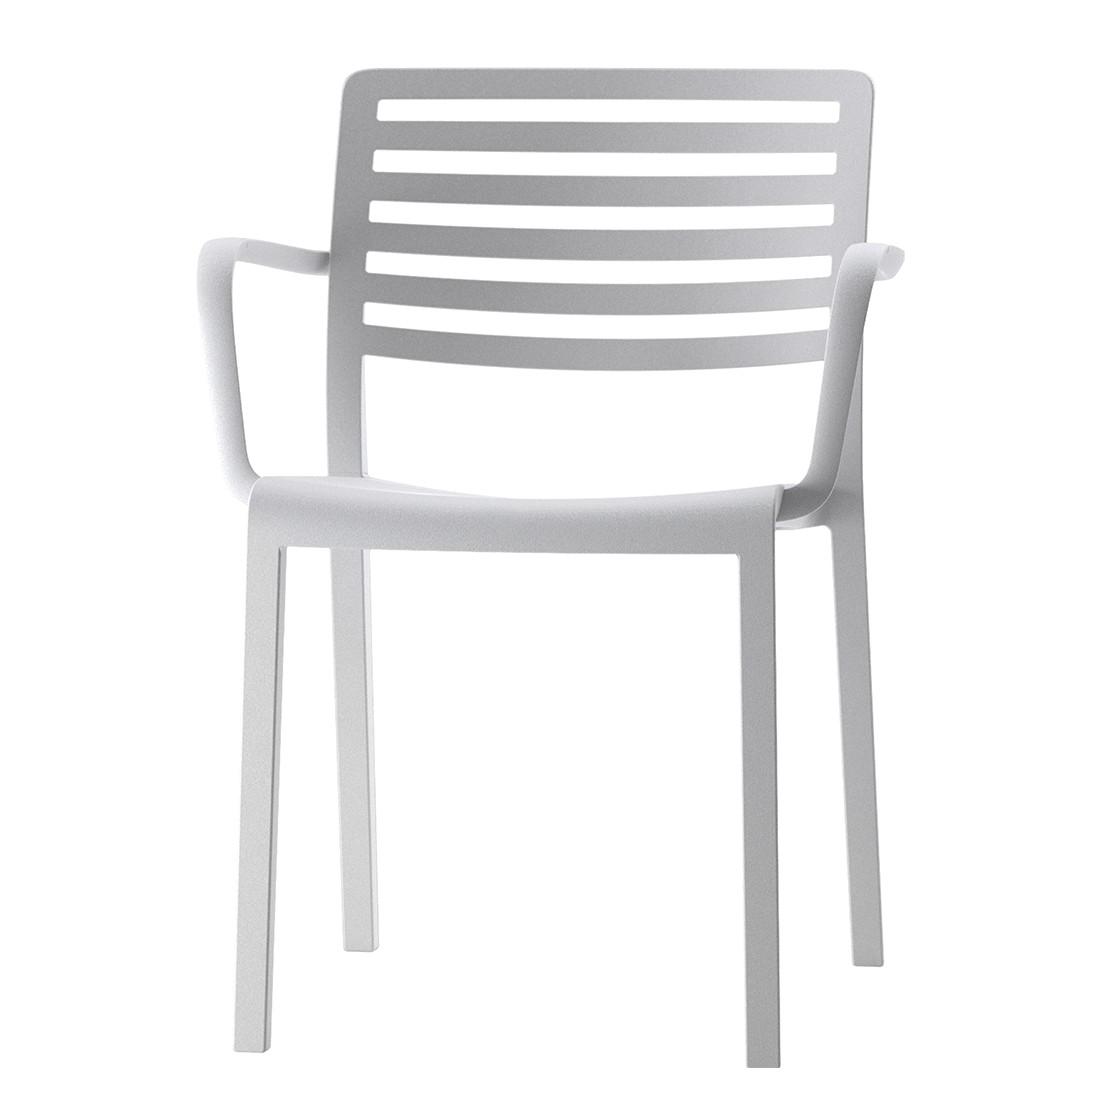 Armlehnenstuhl Lama (2er-Set) – Weiß, Blanke Design günstig